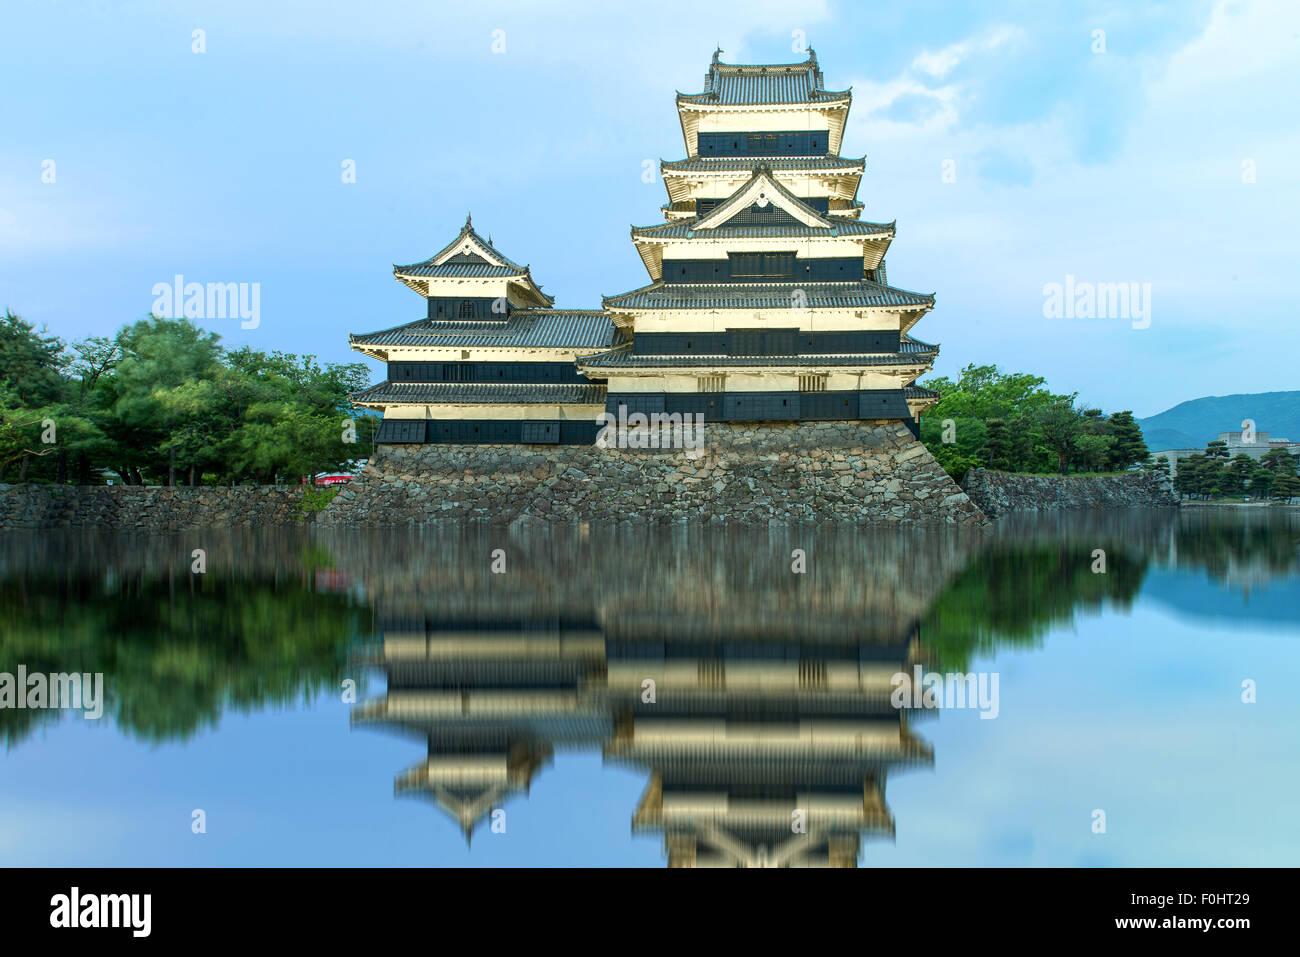 El castillo Matsumoto en Matsumoto, Japón Imagen De Stock